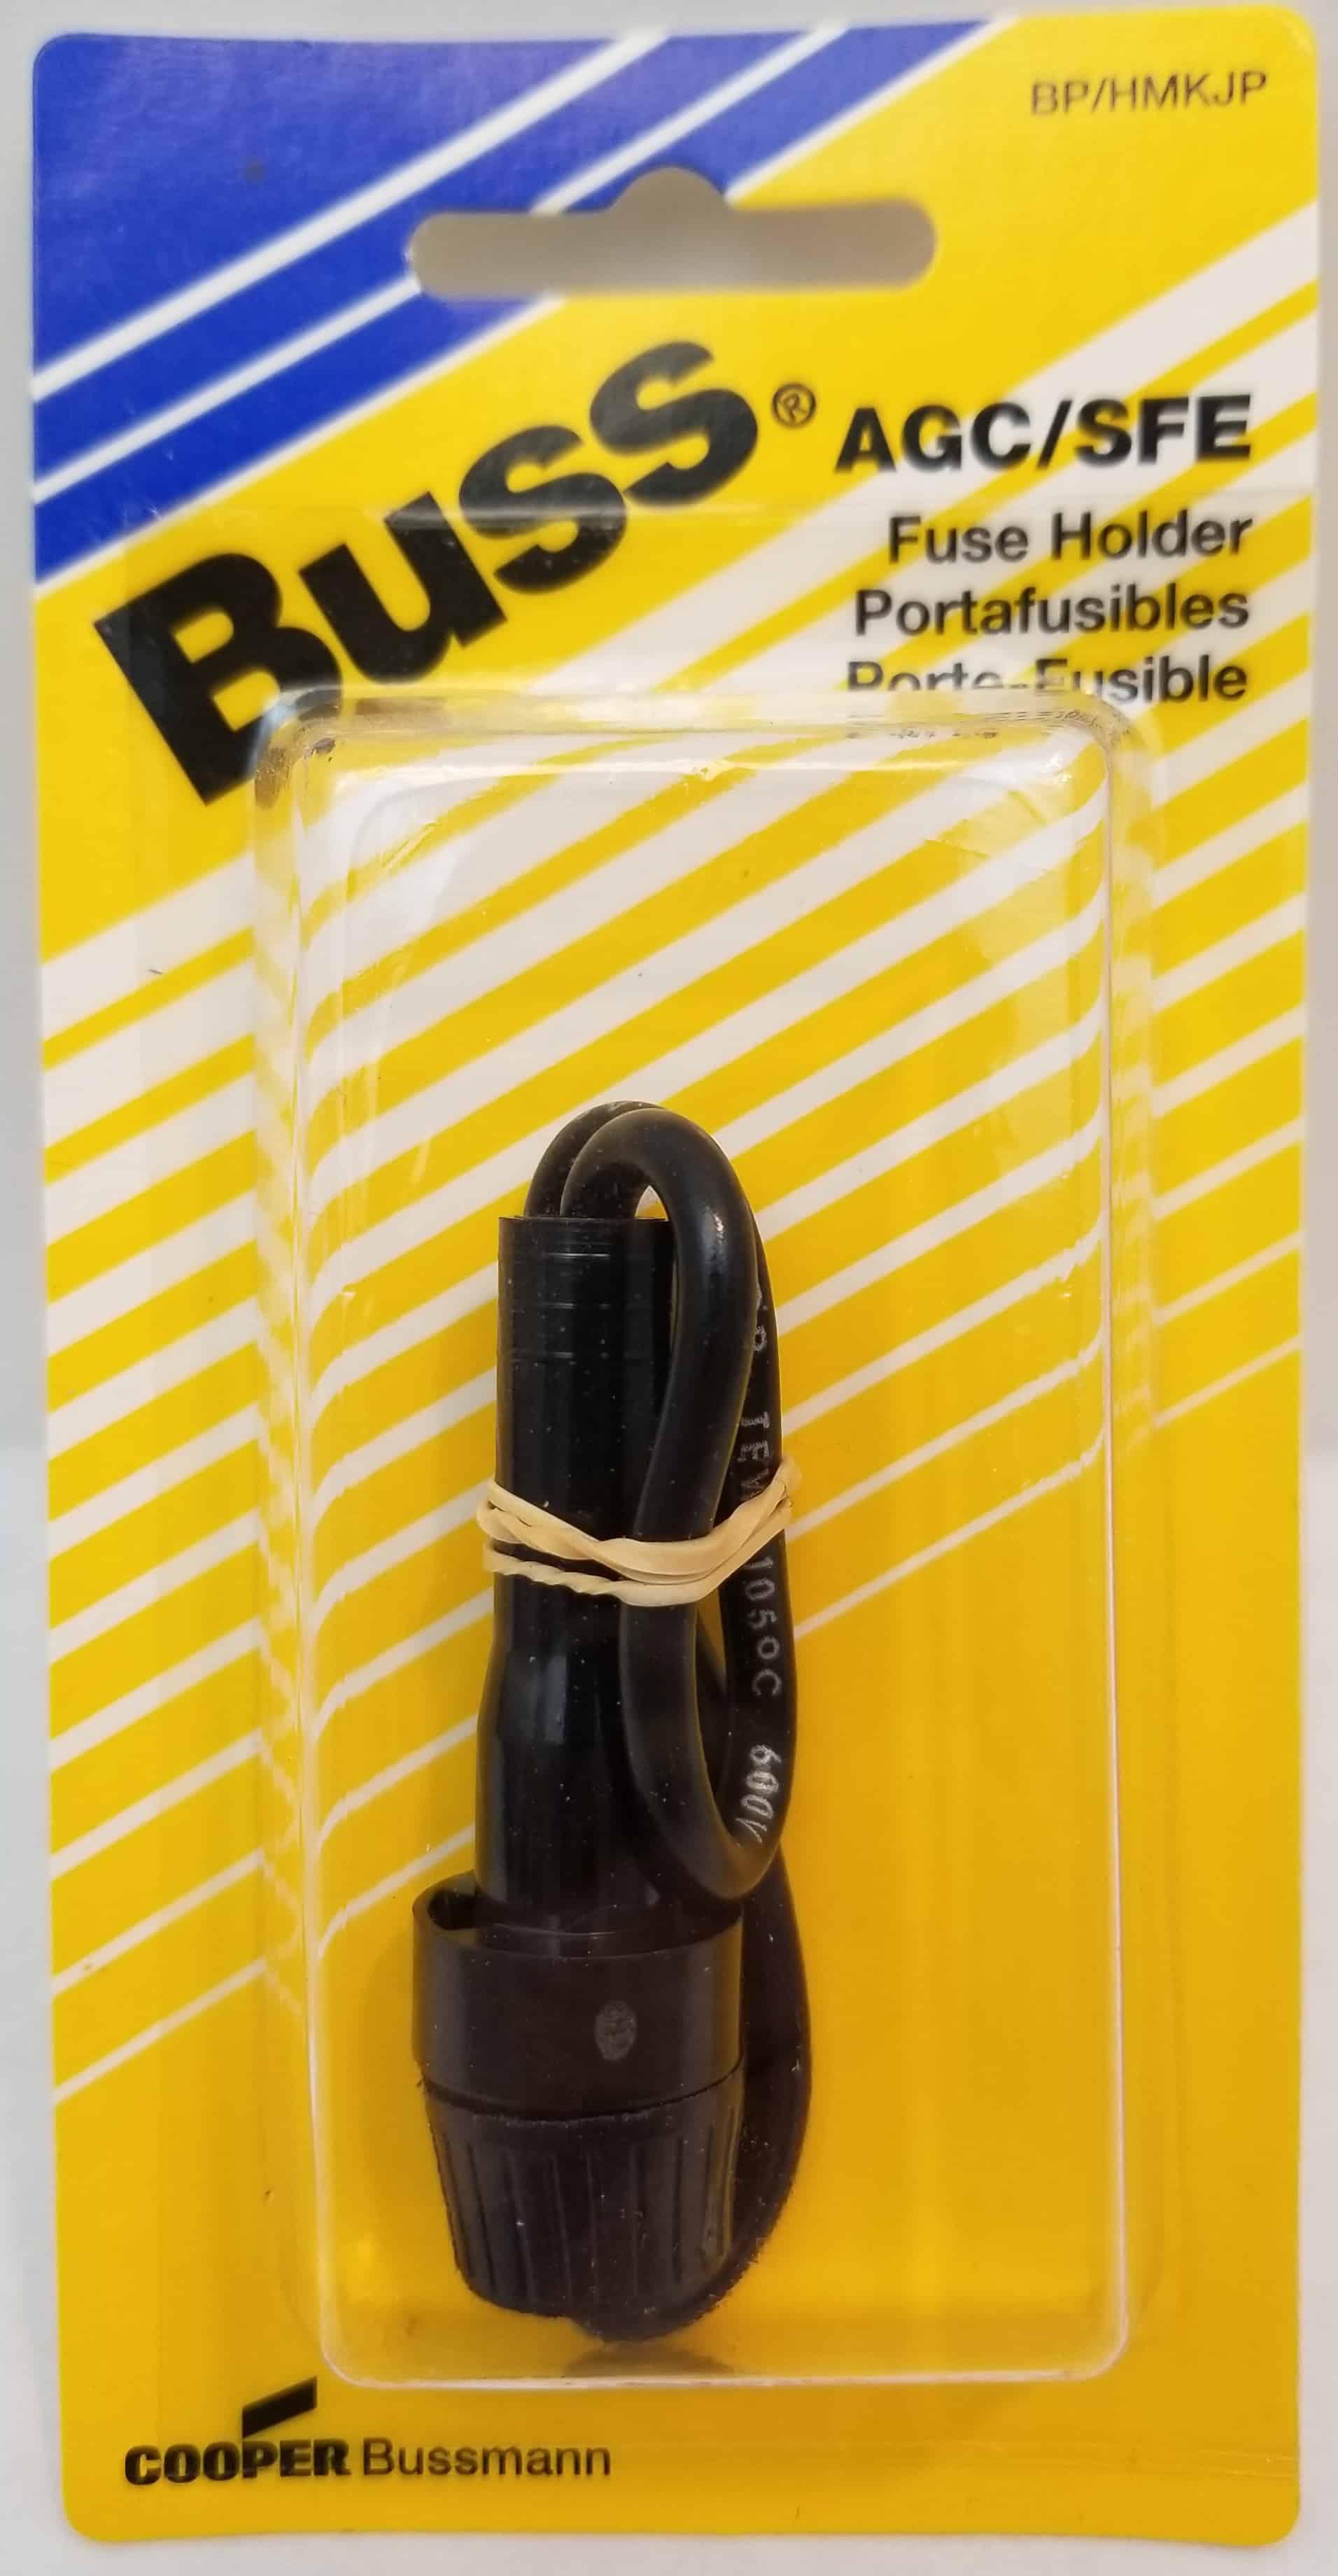 058BPHMKJP - Blister Packed Fuse Holder